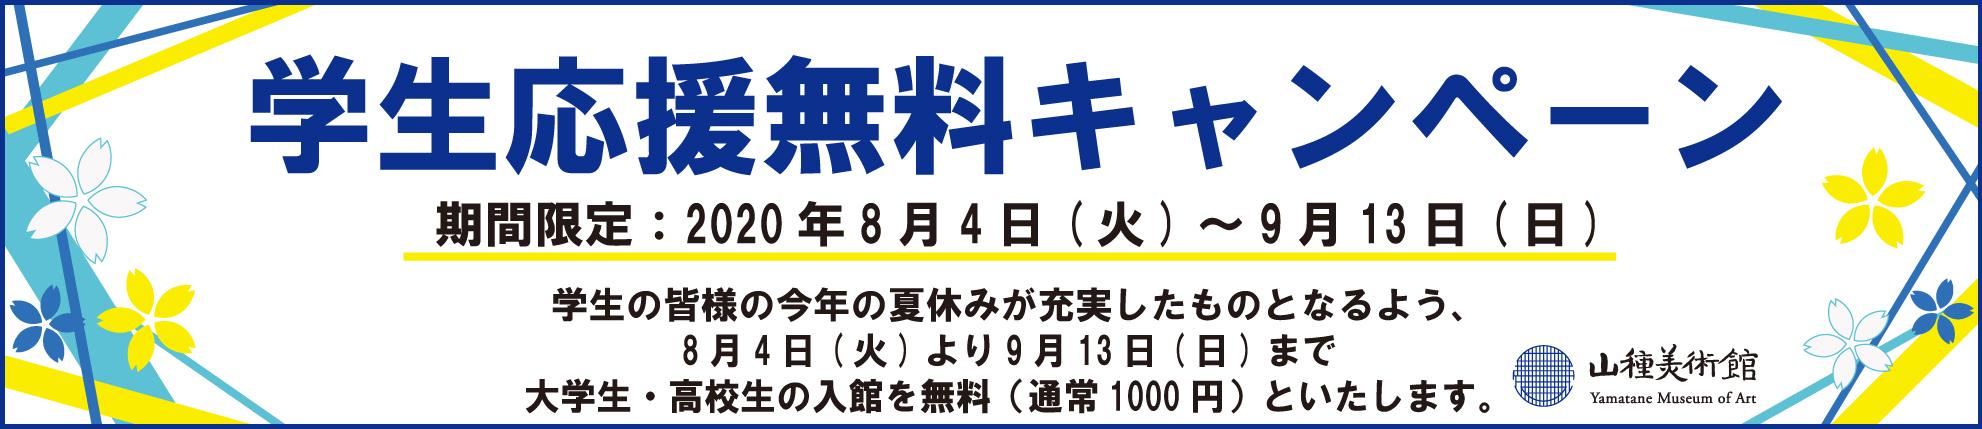 「学生応援無料キャンペーン」実施のお知らせ